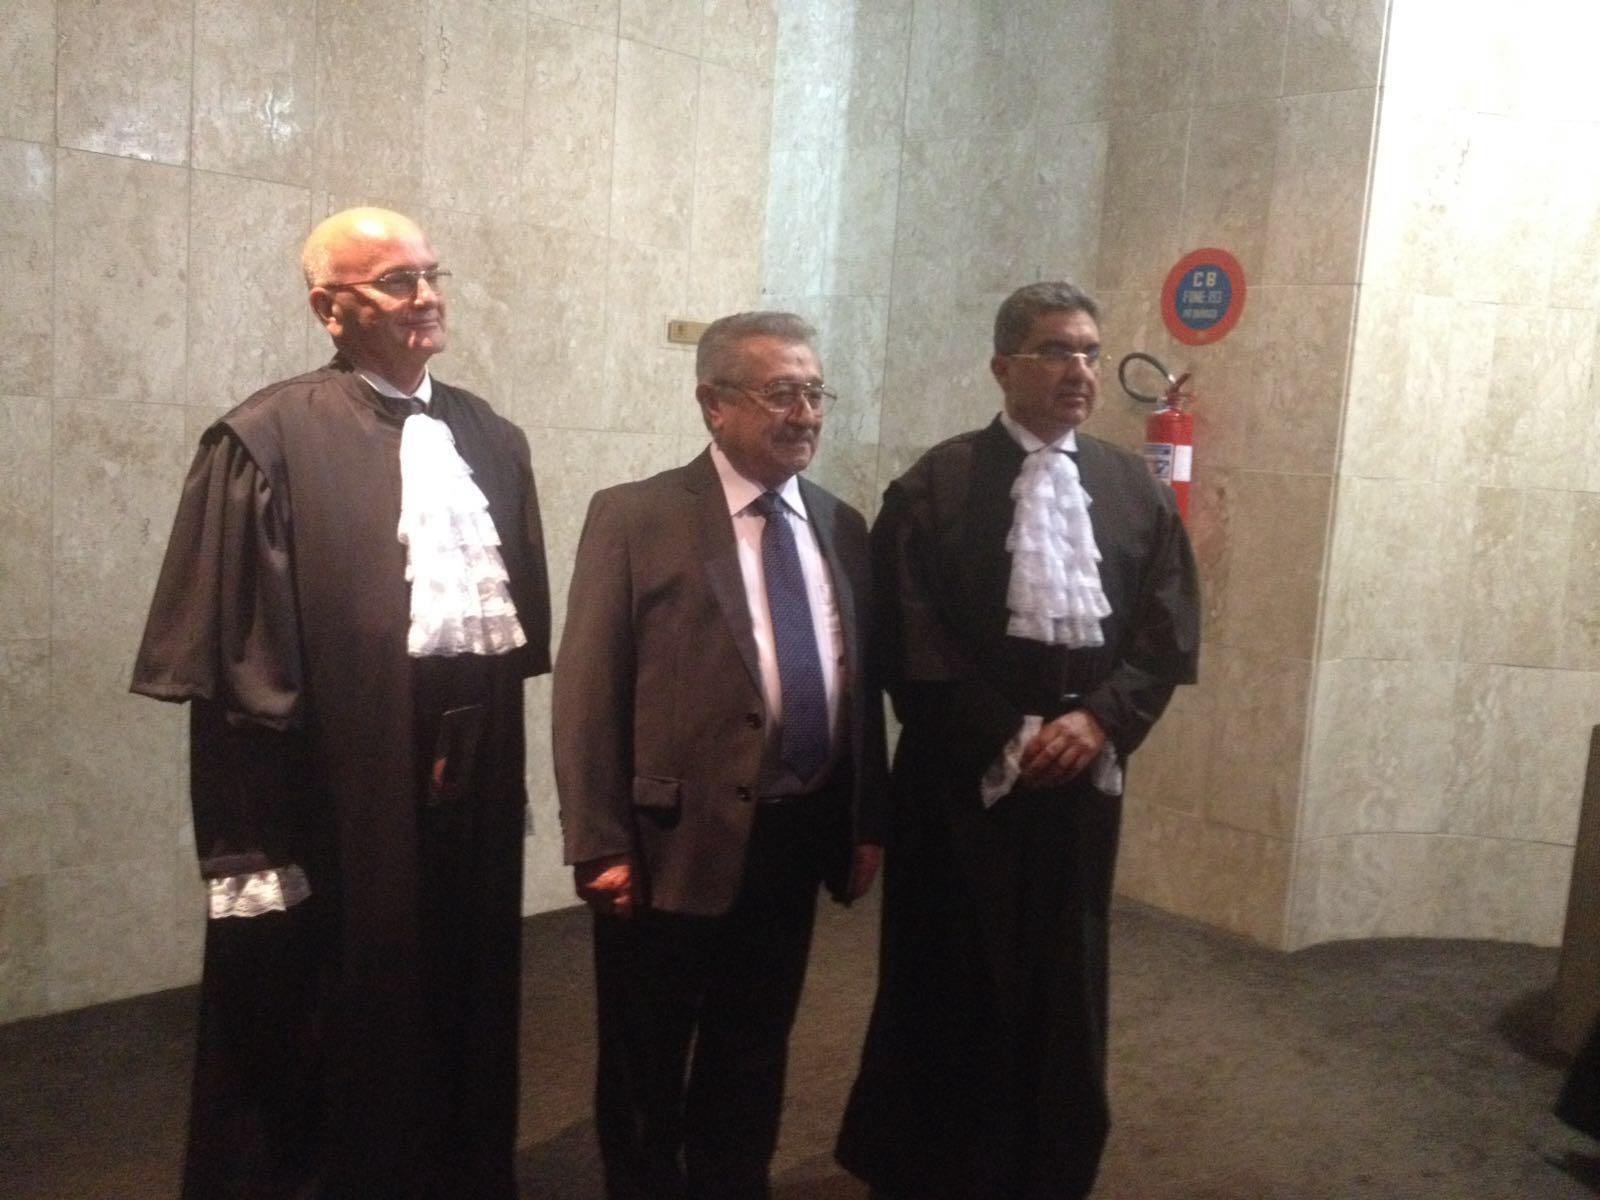 maranhão recife - Desembargador paraibano Alexandre Luna Freire tomou posse hoje no Tribunal Regional Federal